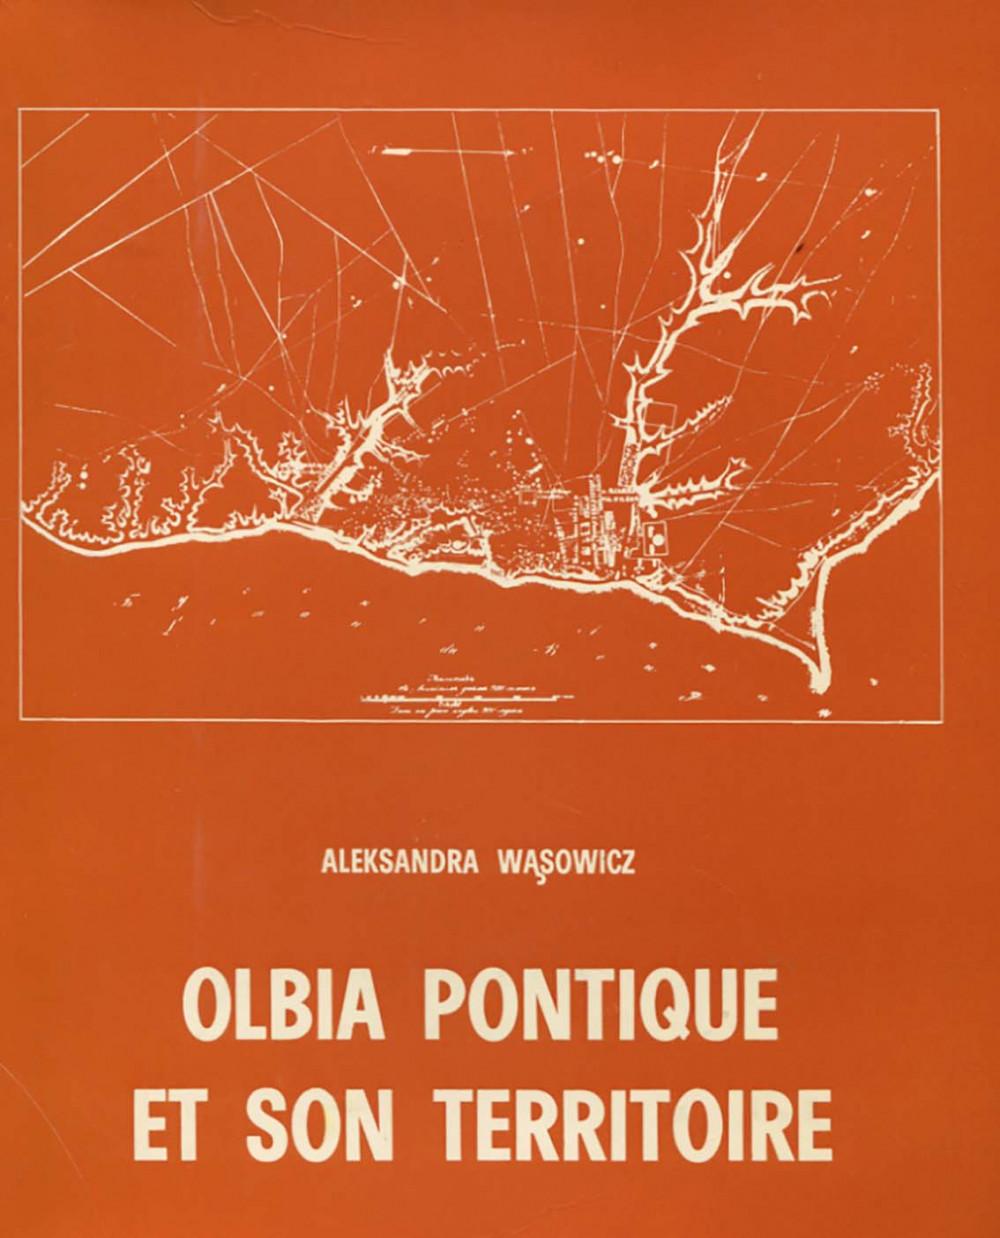 Olbia Pontique et son territoire